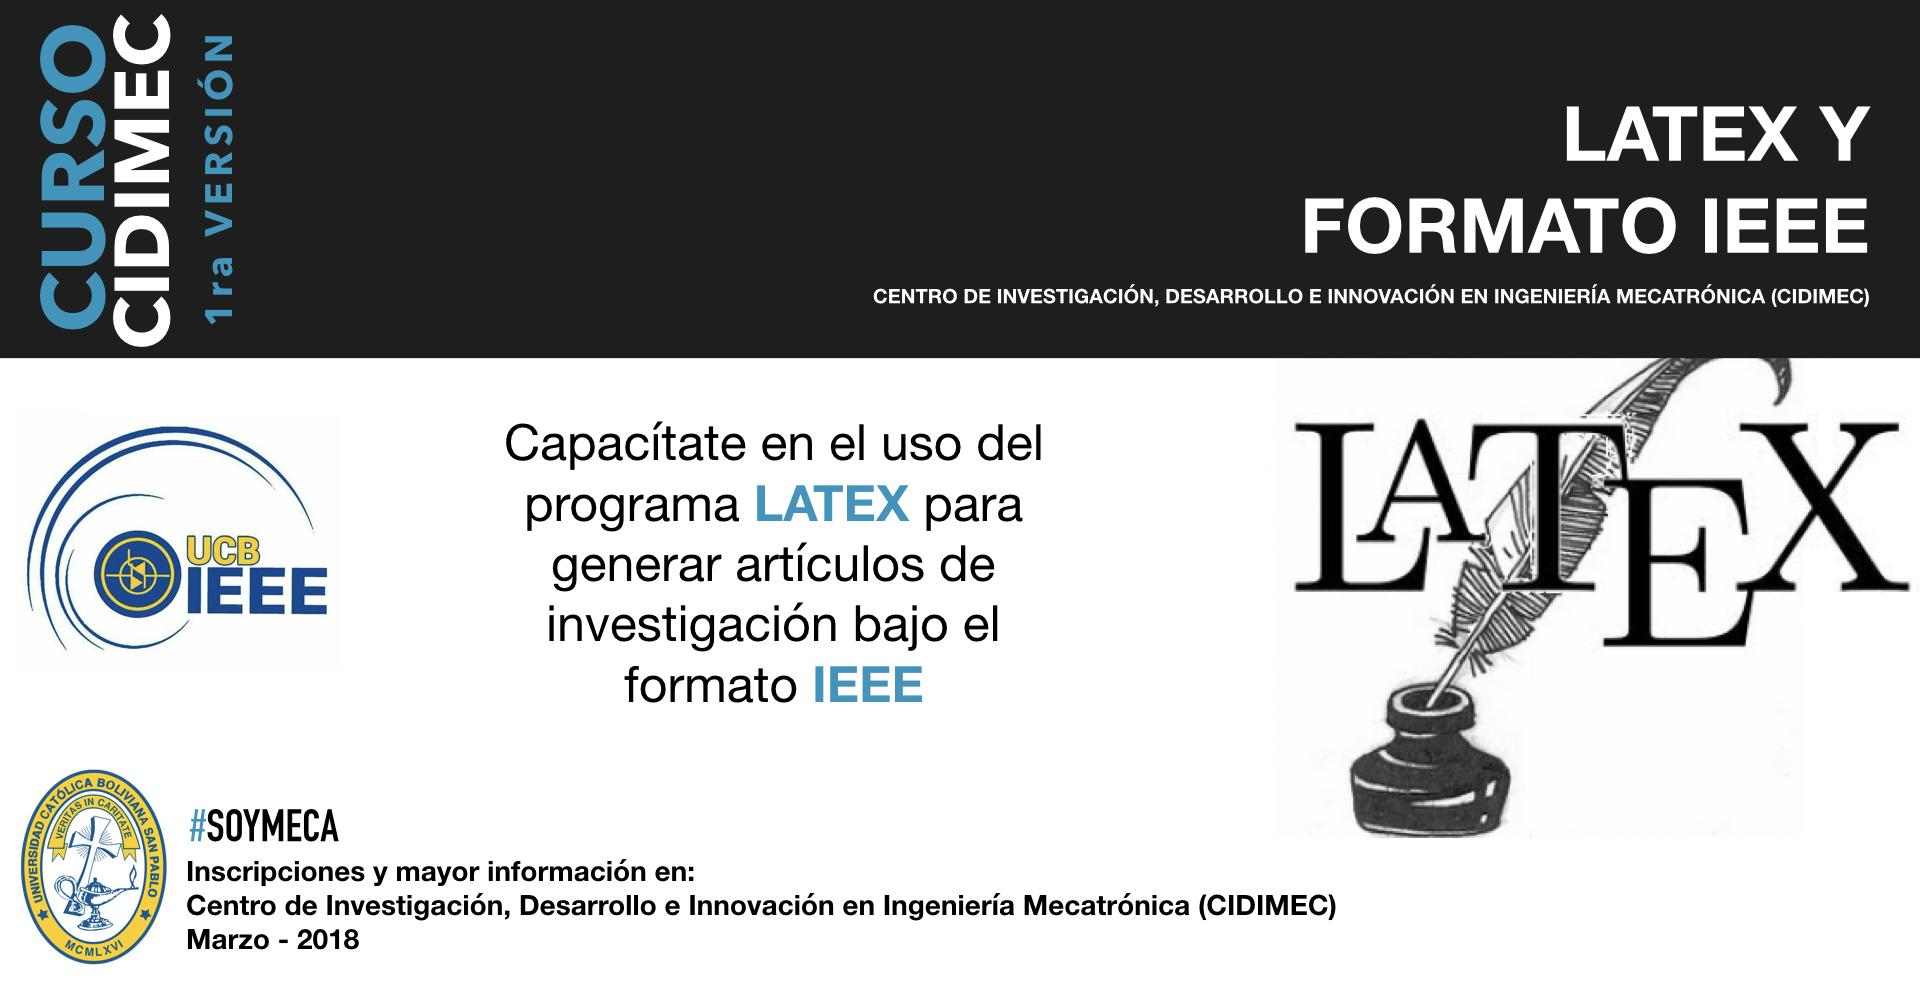 LATEX Y FORMATO IEEE - 4 ABR 2018